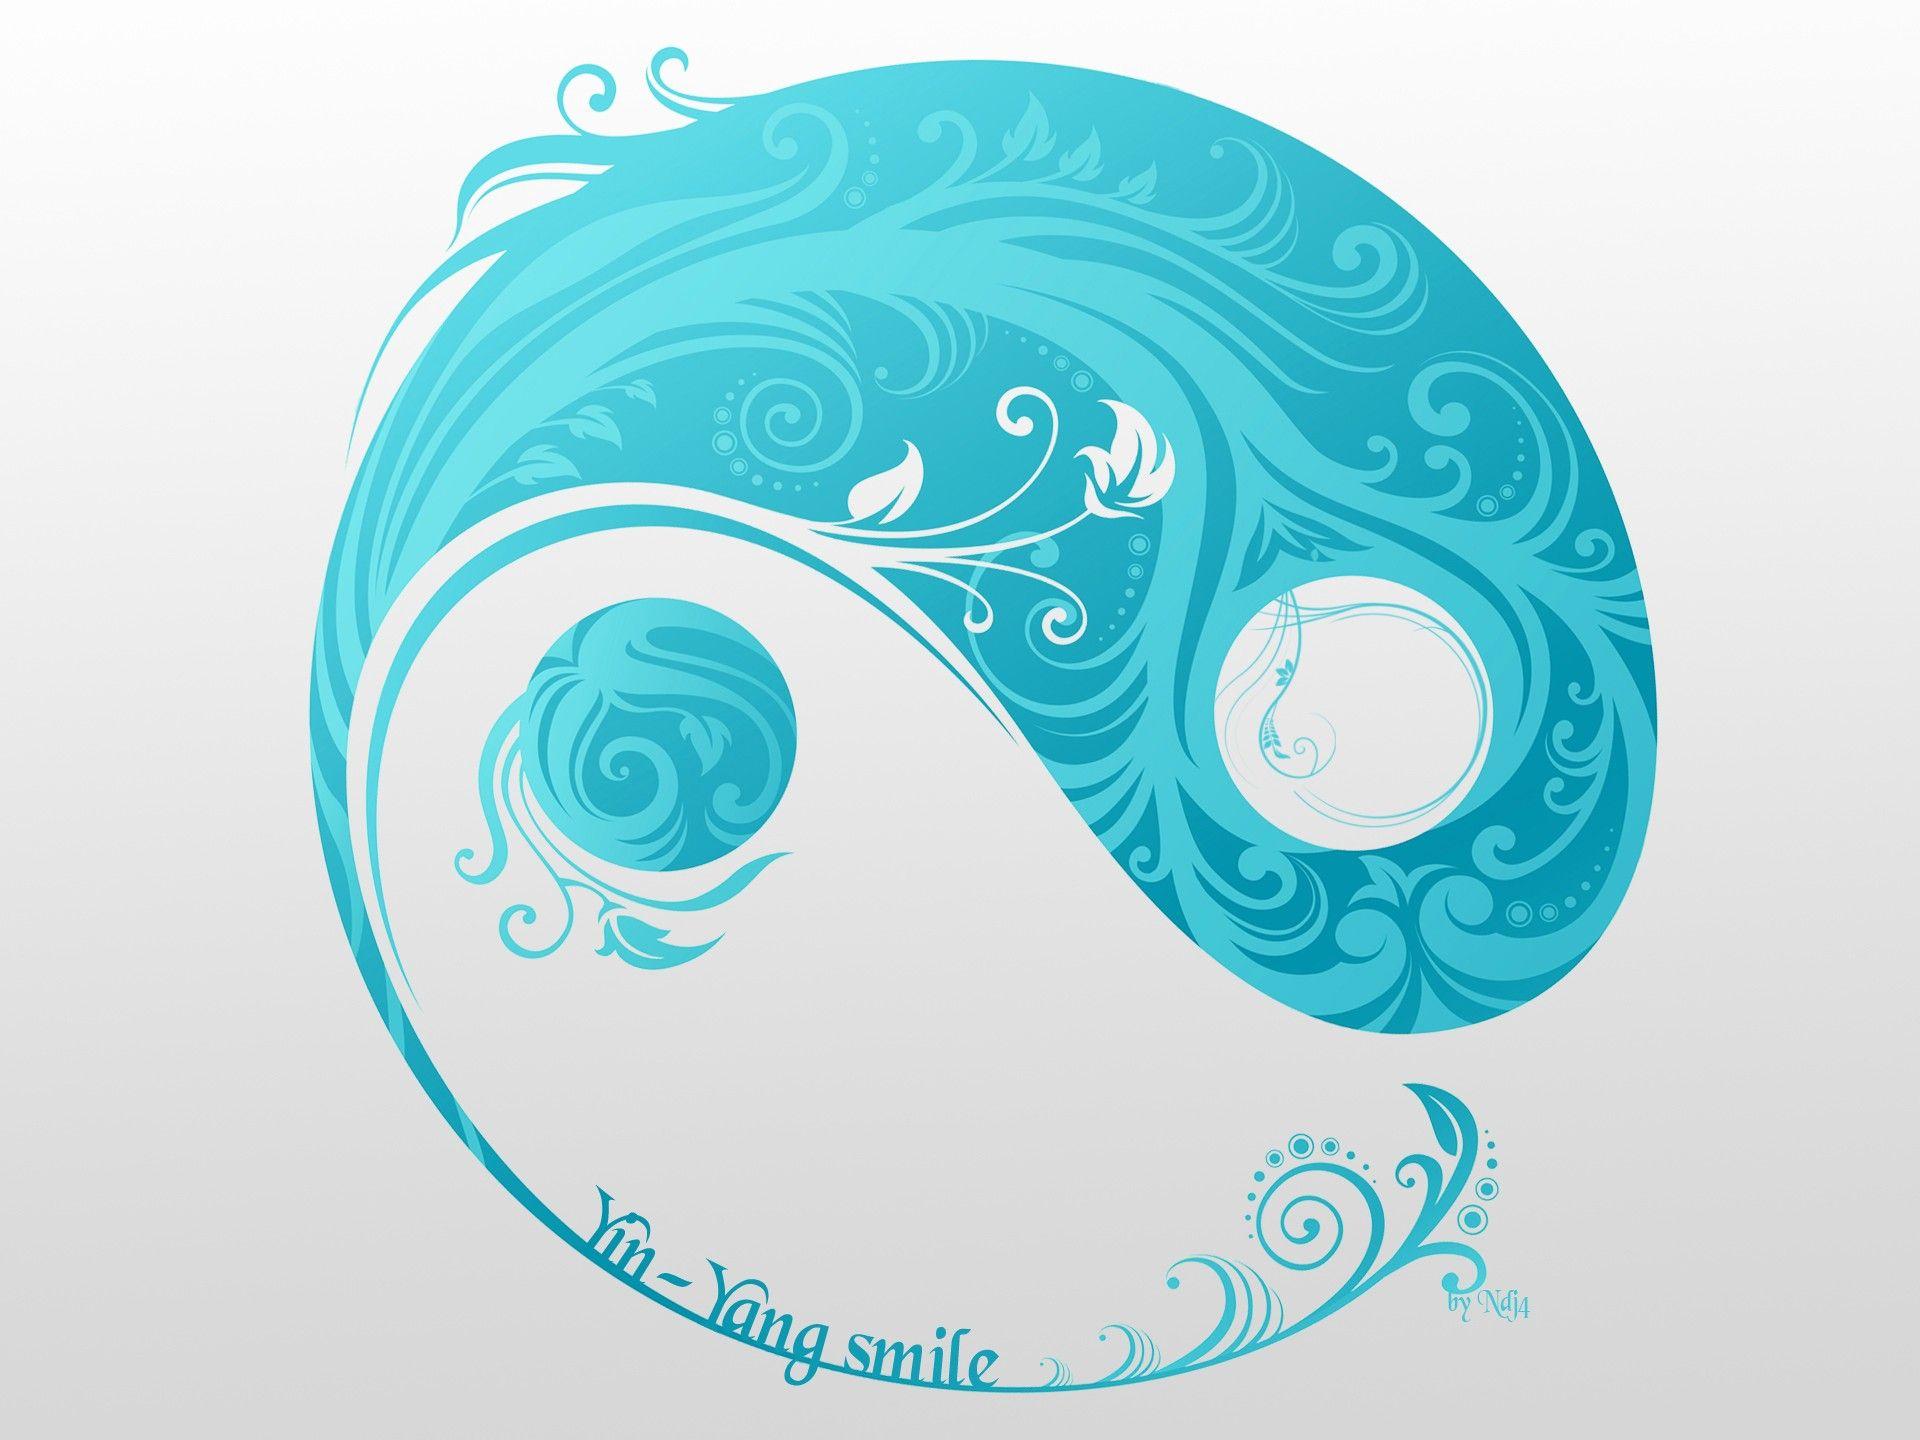 Yin Yang Wallpaper Yin and Yang Smile widescreen